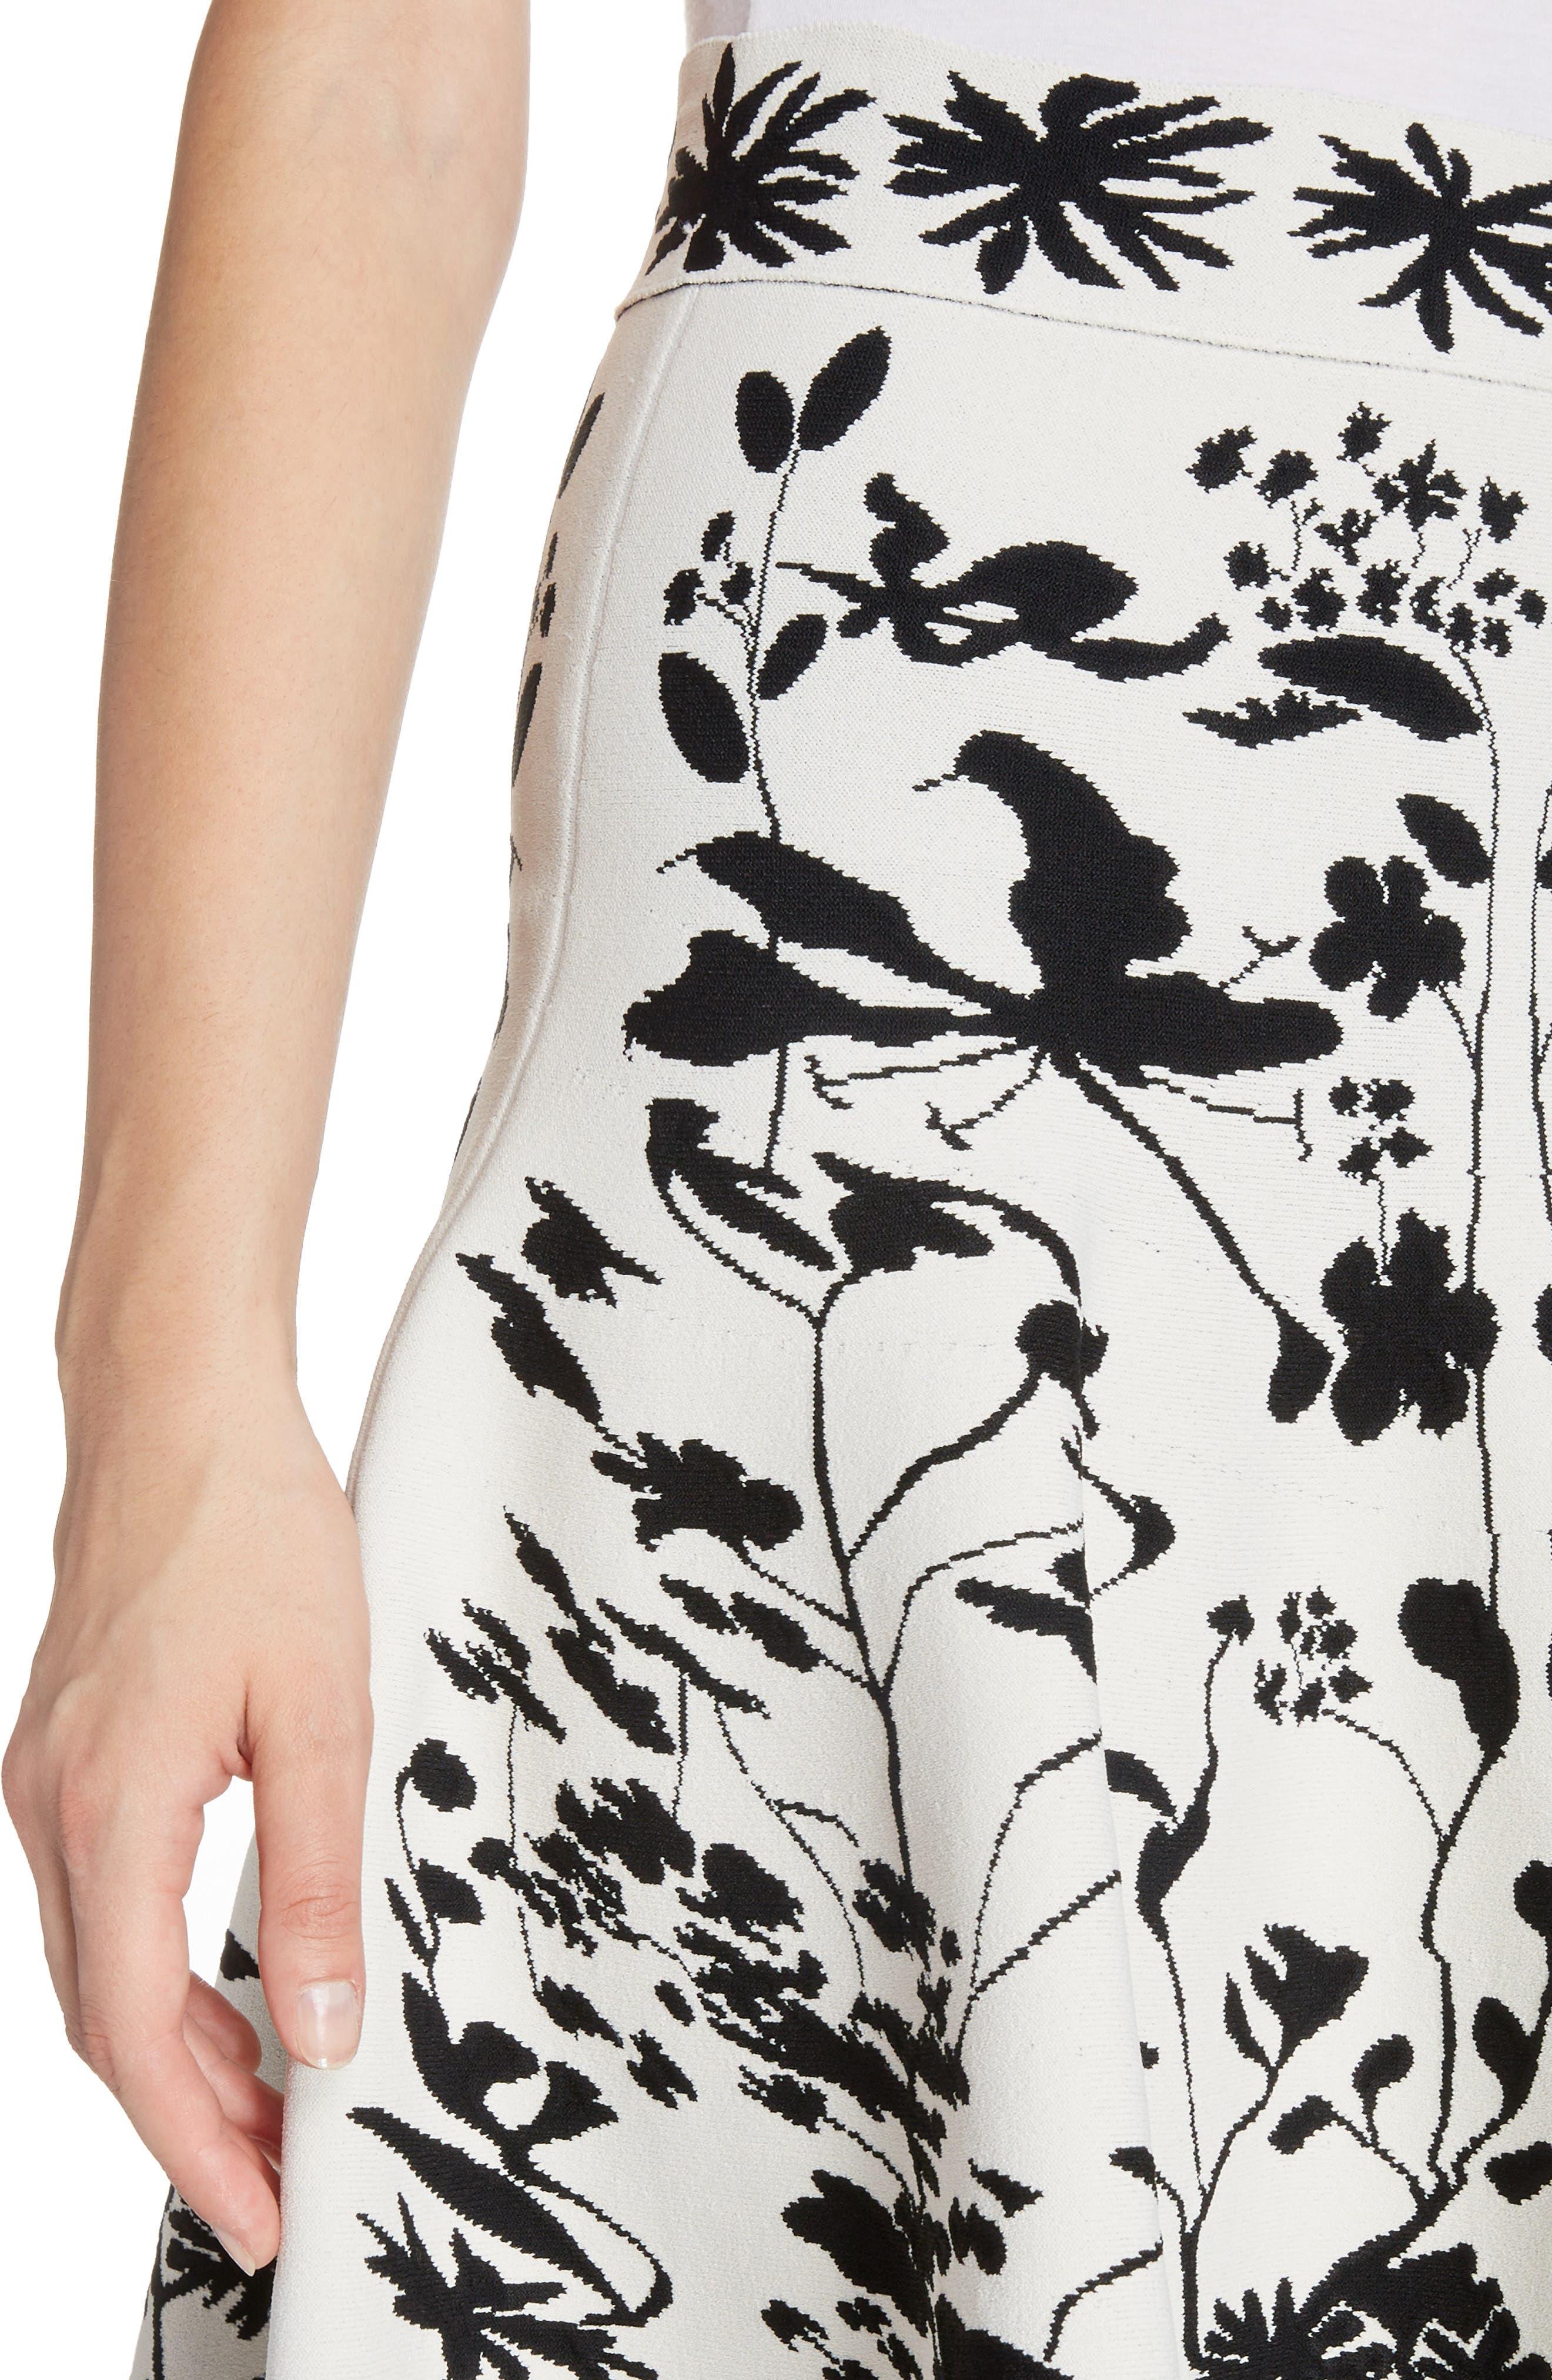 Botanical Jacquard Knit Flounce Skirt,                             Alternate thumbnail 4, color,                             Ivory/ Black